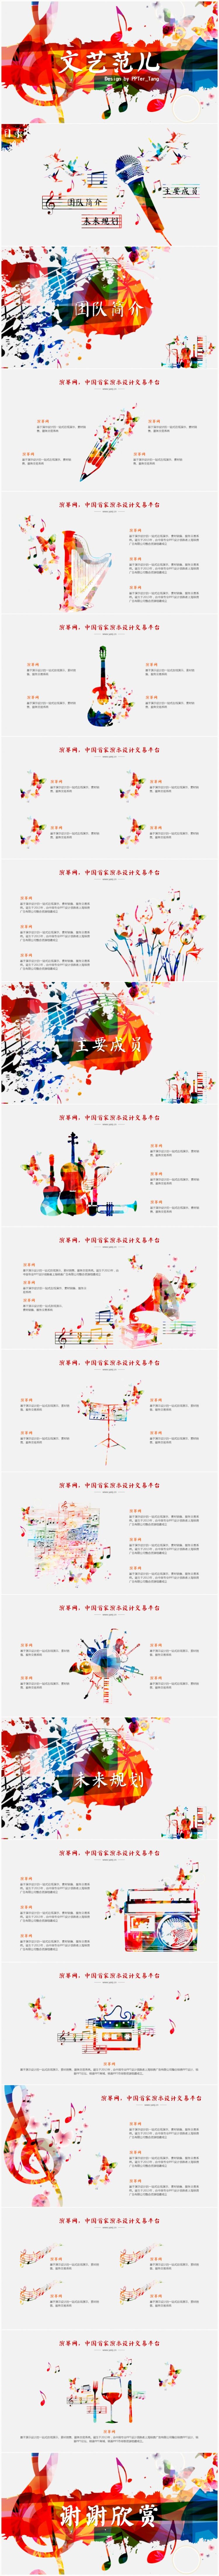 【皮特糖】清新文艺展示介绍总结PPT模板《炫动音符》